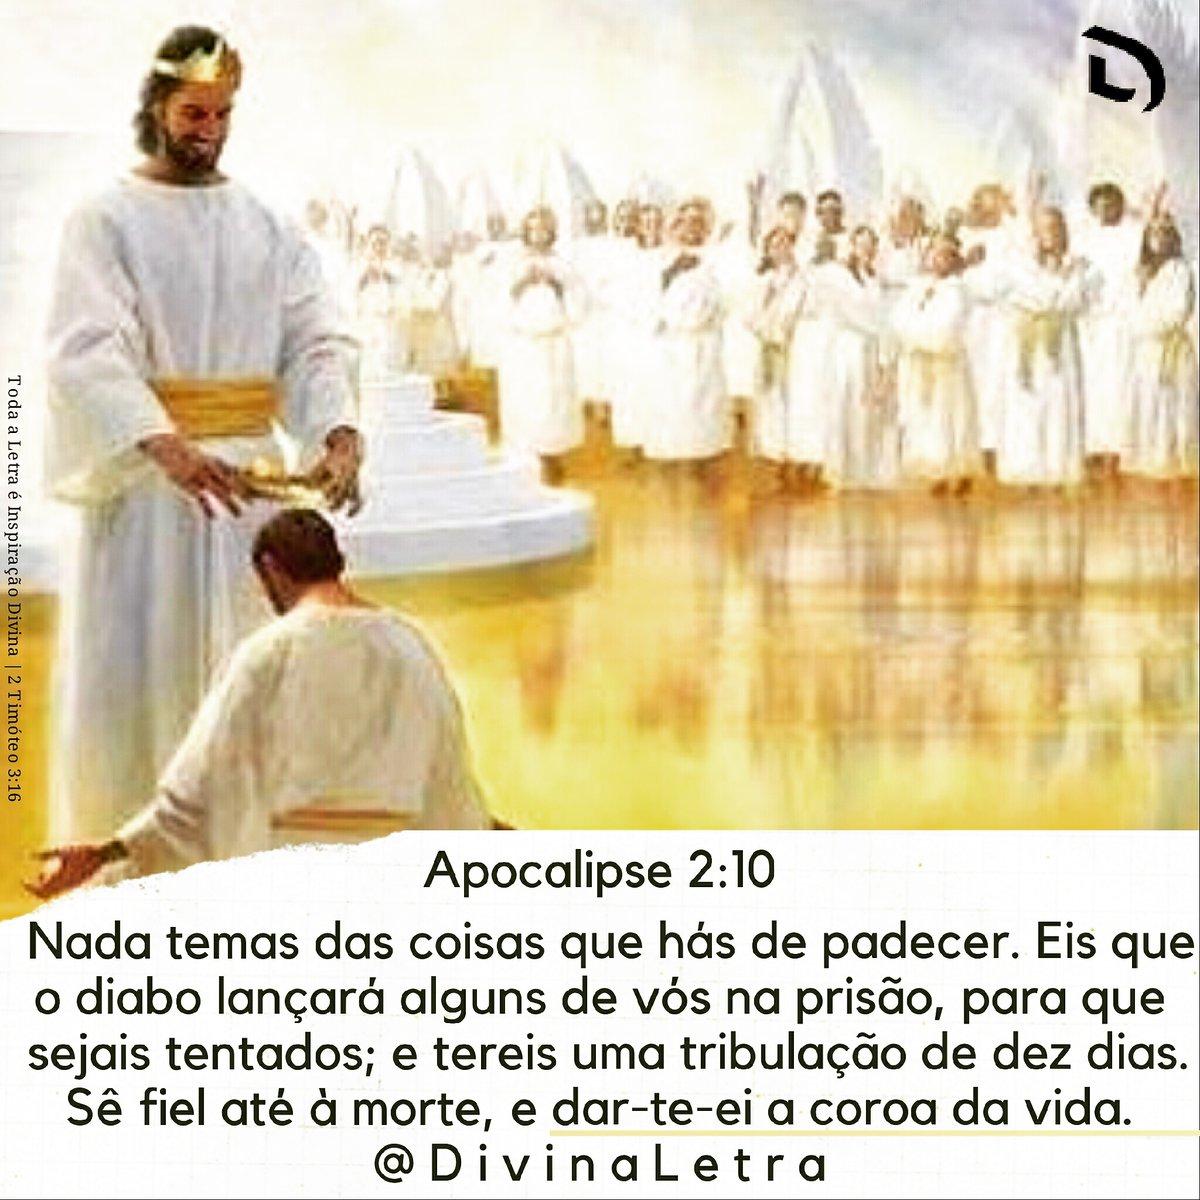 #DivinaLetra | Nada #temas das coisas q hás de #padecer.Eis q o #diabo lançará alguns de vós na #prisão,para q sejais #tentados;e tereis uma #tribulação de #dez dias.Sê #fiel até à morte,e dar-te-ei a #coroa da #vida.#Apocalipse 2:10 @DivinaLetra #católicos #oração #amoraopróximo https://t.co/vhqFKV2ihR